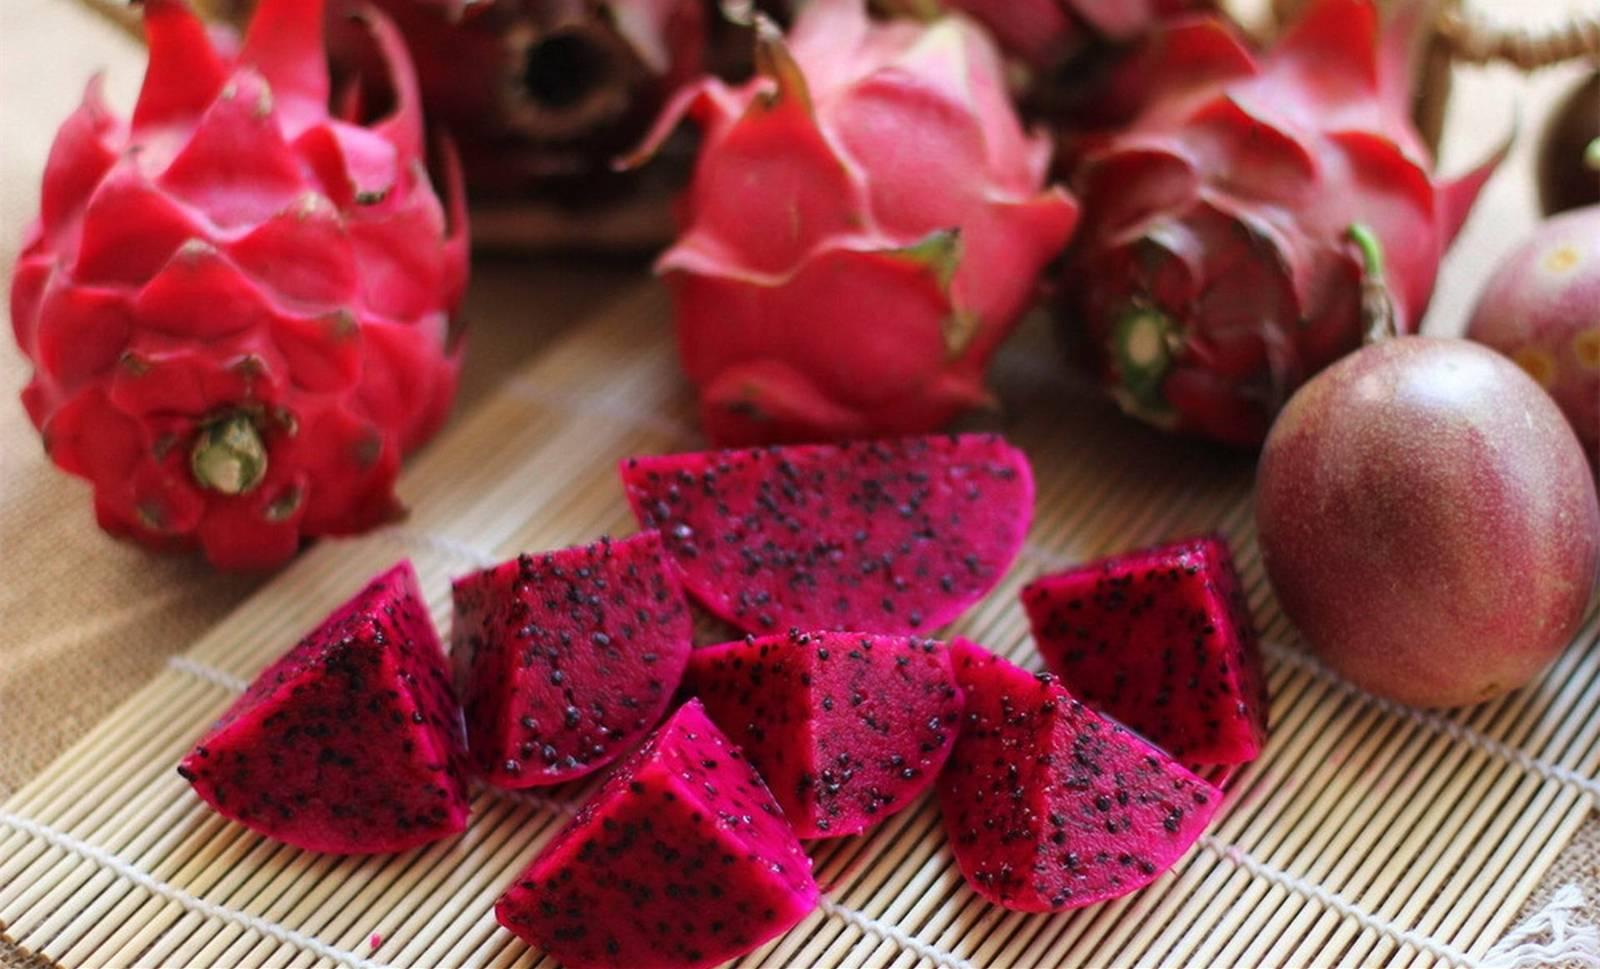 吃火龙果有什么好处?除了日常的润肠通便外,还可以预防贫血